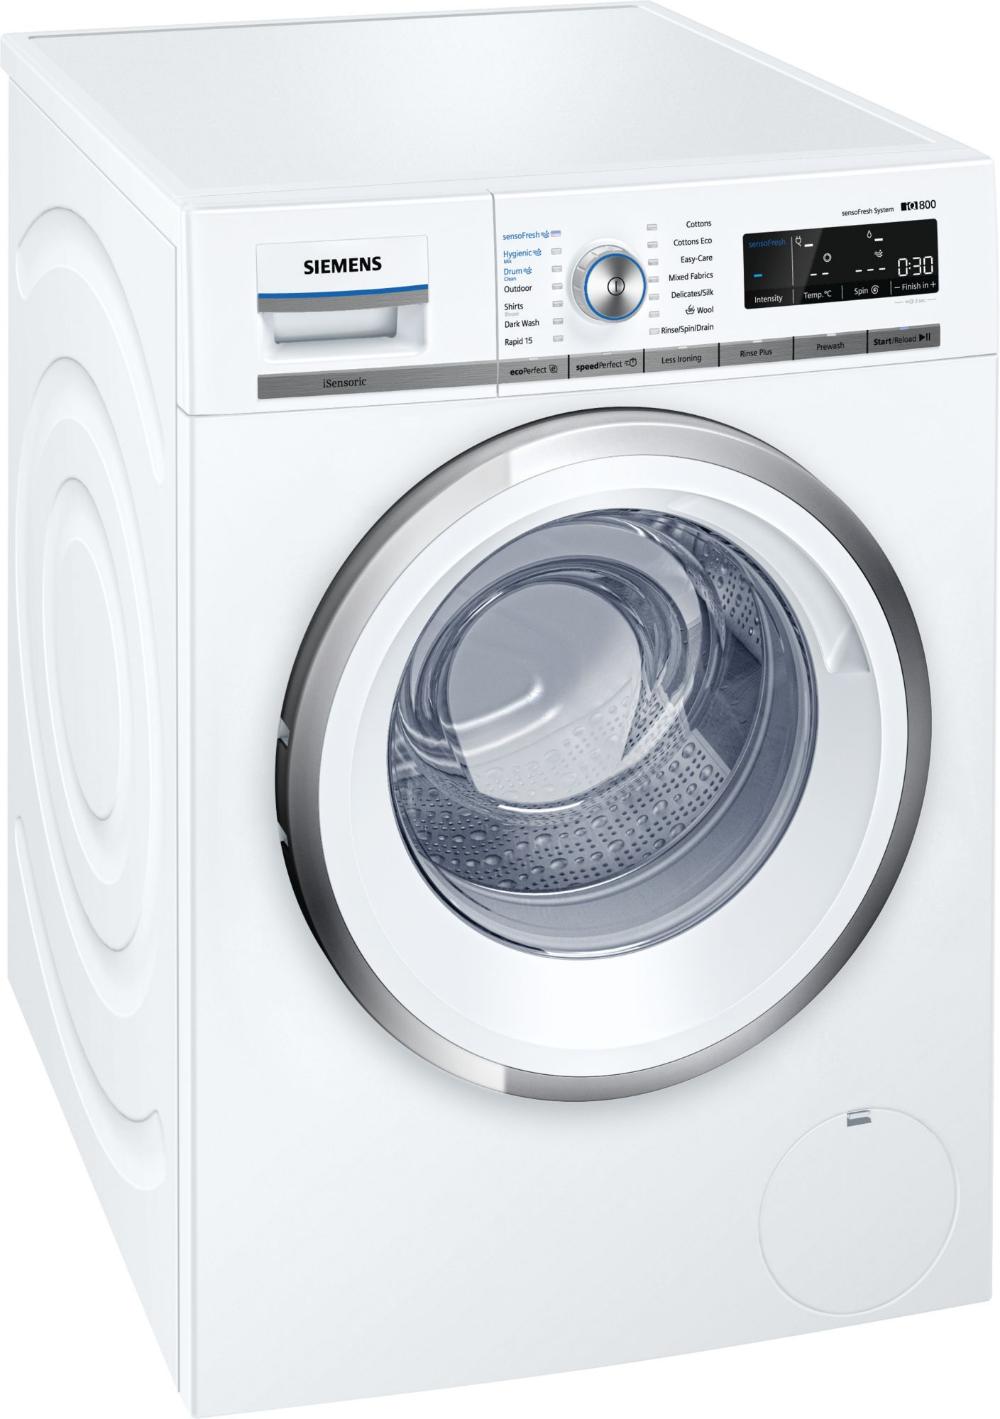 Pin Von Kris Garst Auf Life In Germany Waschmaschine Trockner